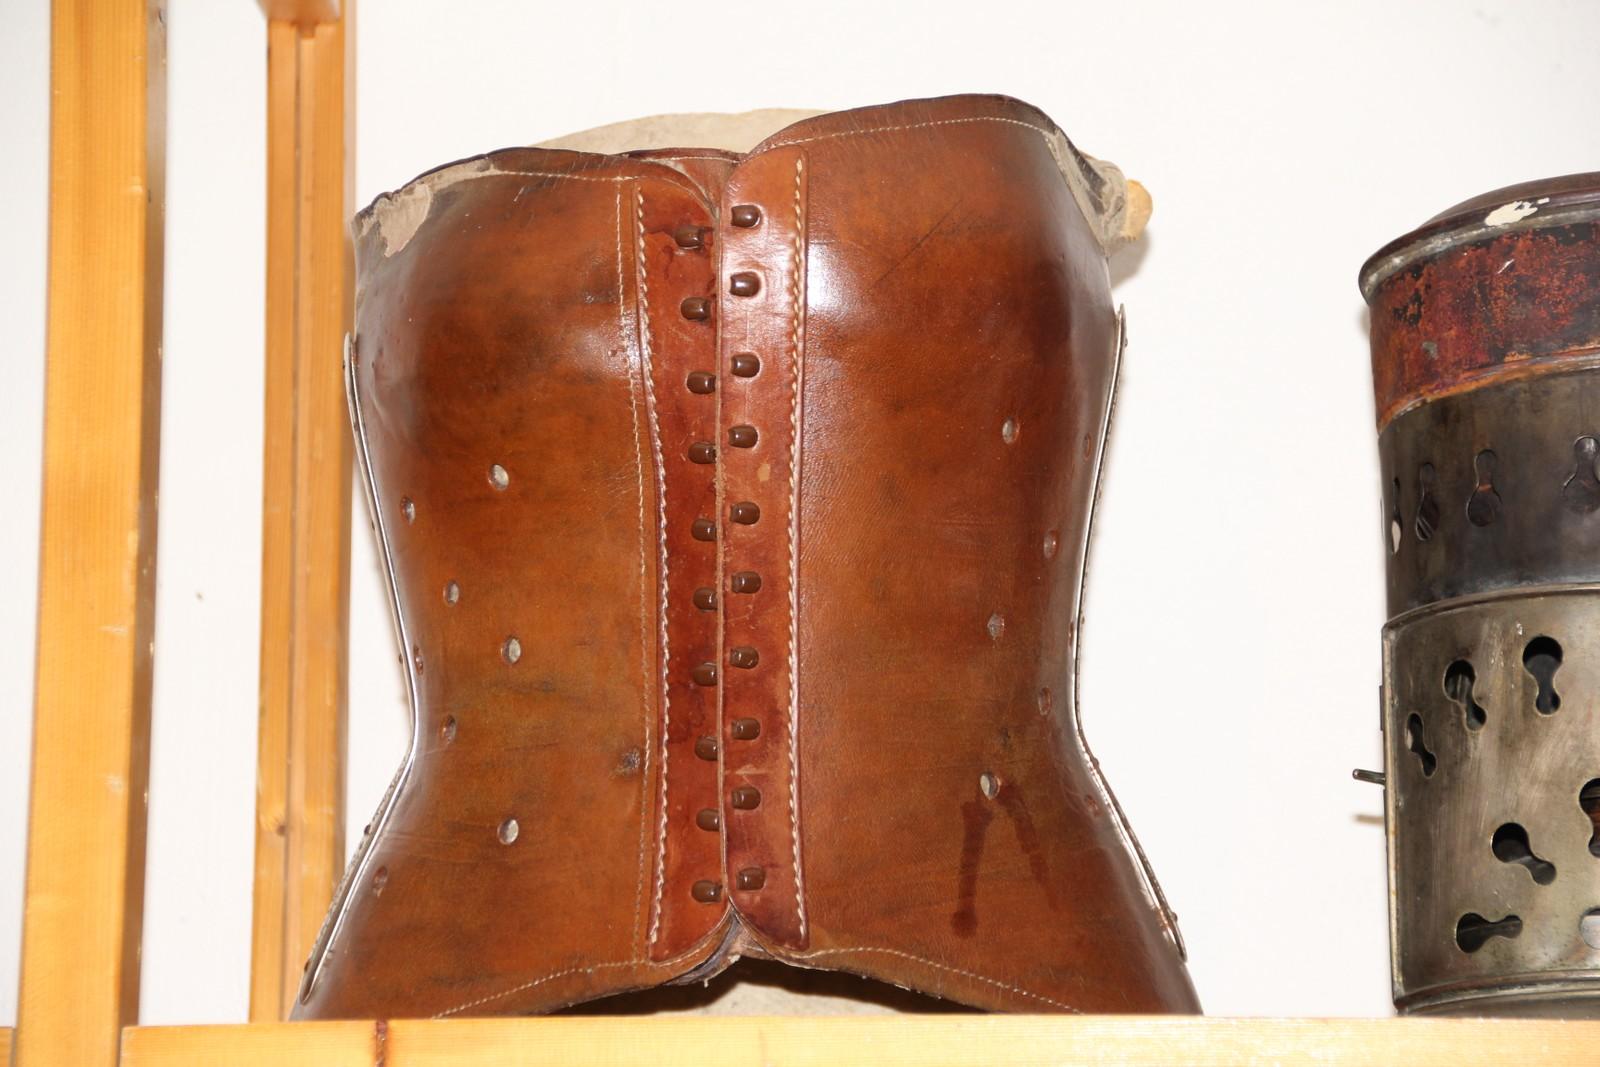 Korsett av skinn ble brukt for å holde kroppen og skjelettet oppe og på plass ved tuberkulose